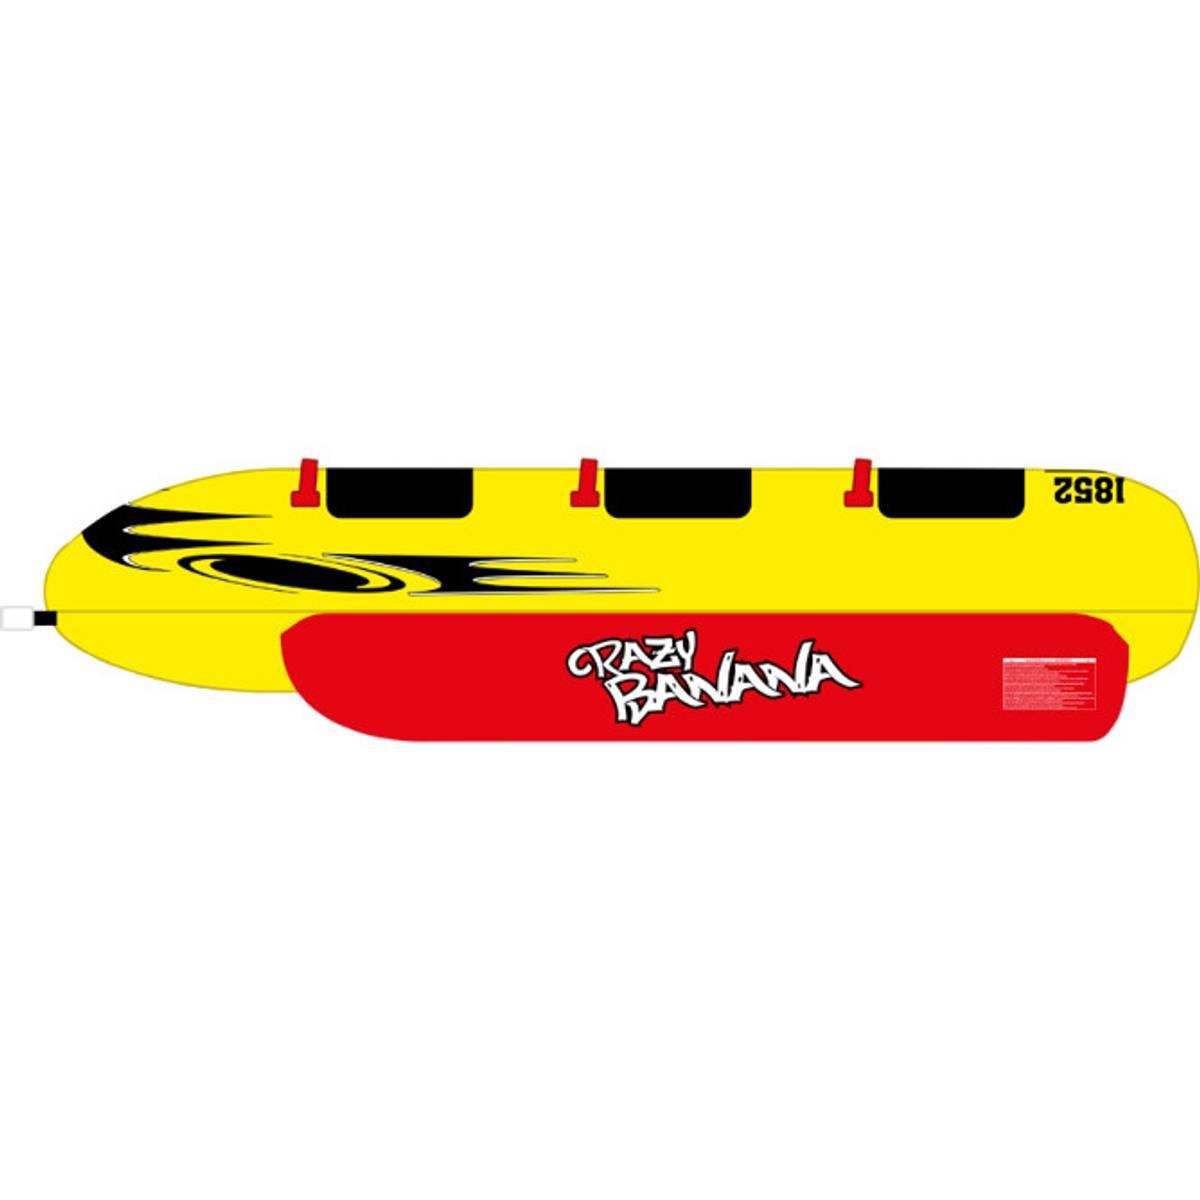 Banan tube 3-pers